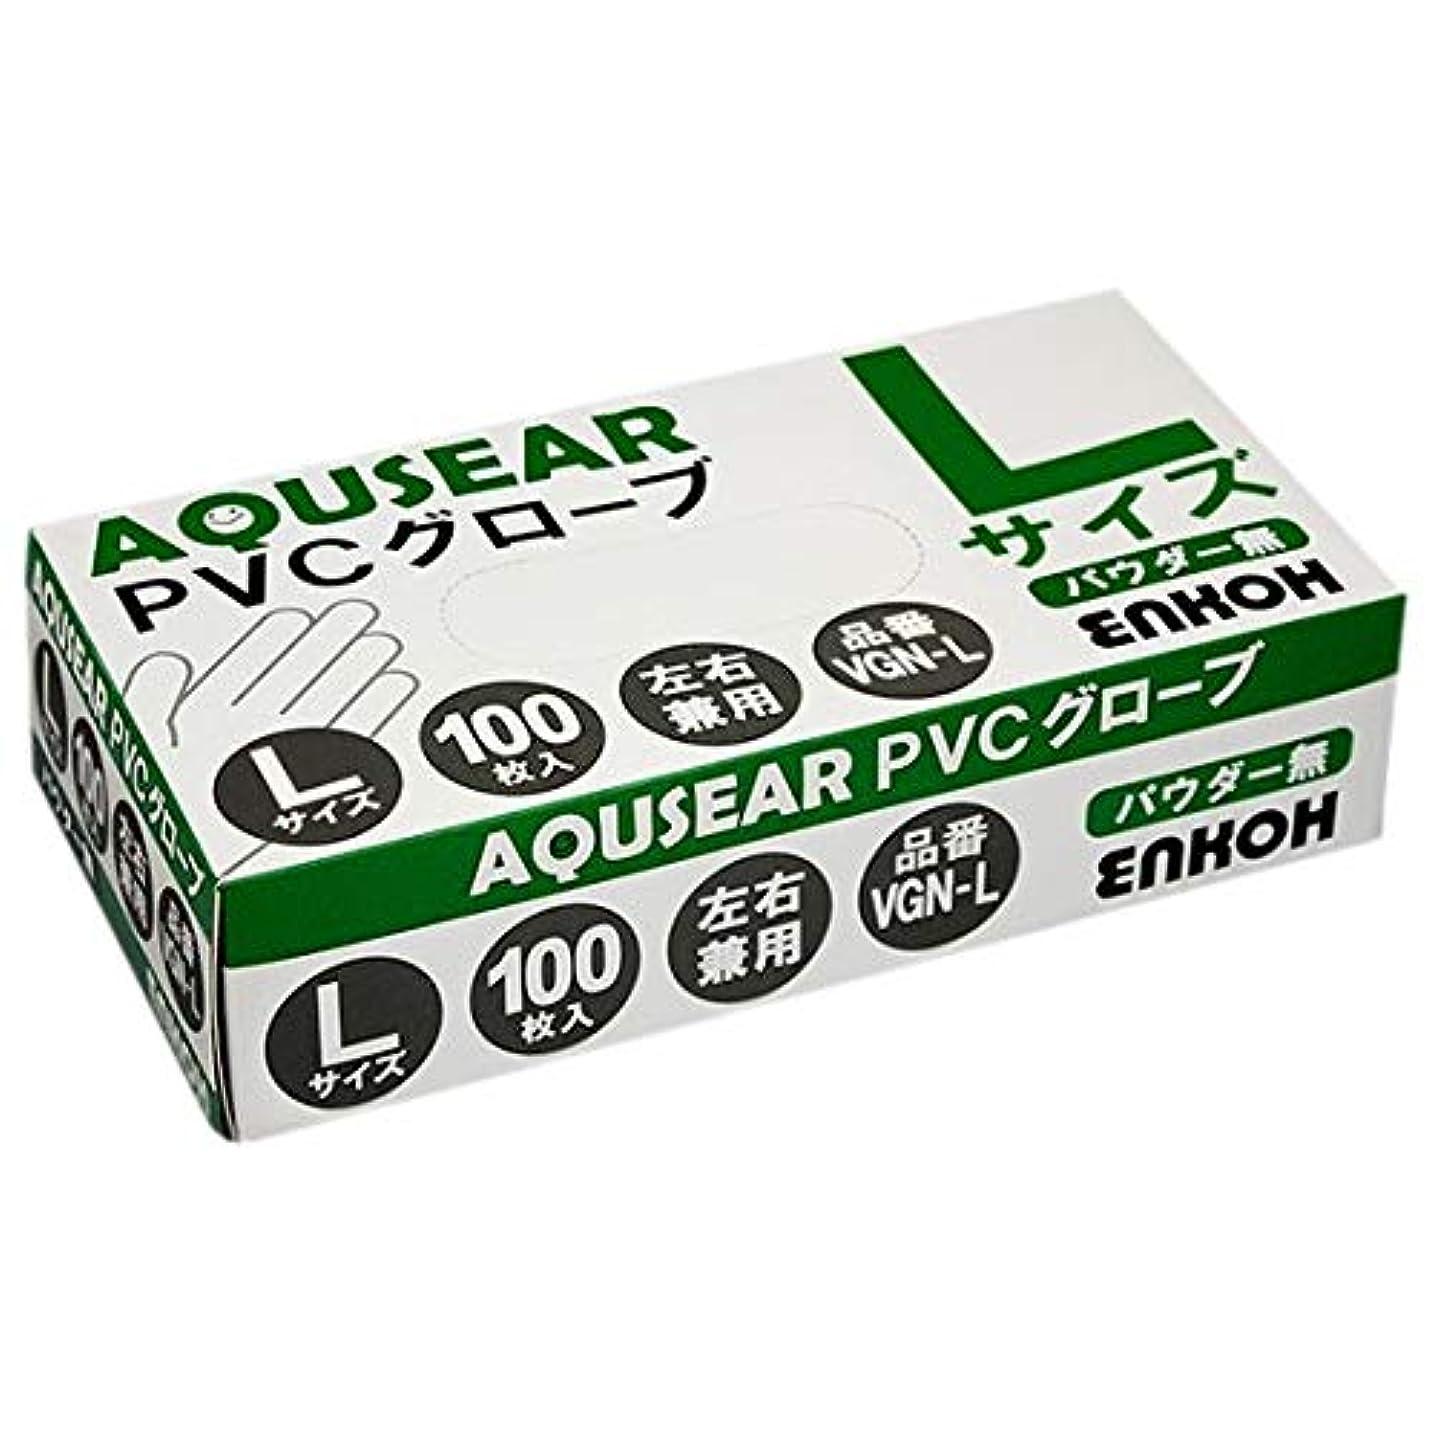 怠分散分注するAQUSEAR PVC プラスチックグローブ Lサイズ パウダー無 VGN-L 100枚×20箱